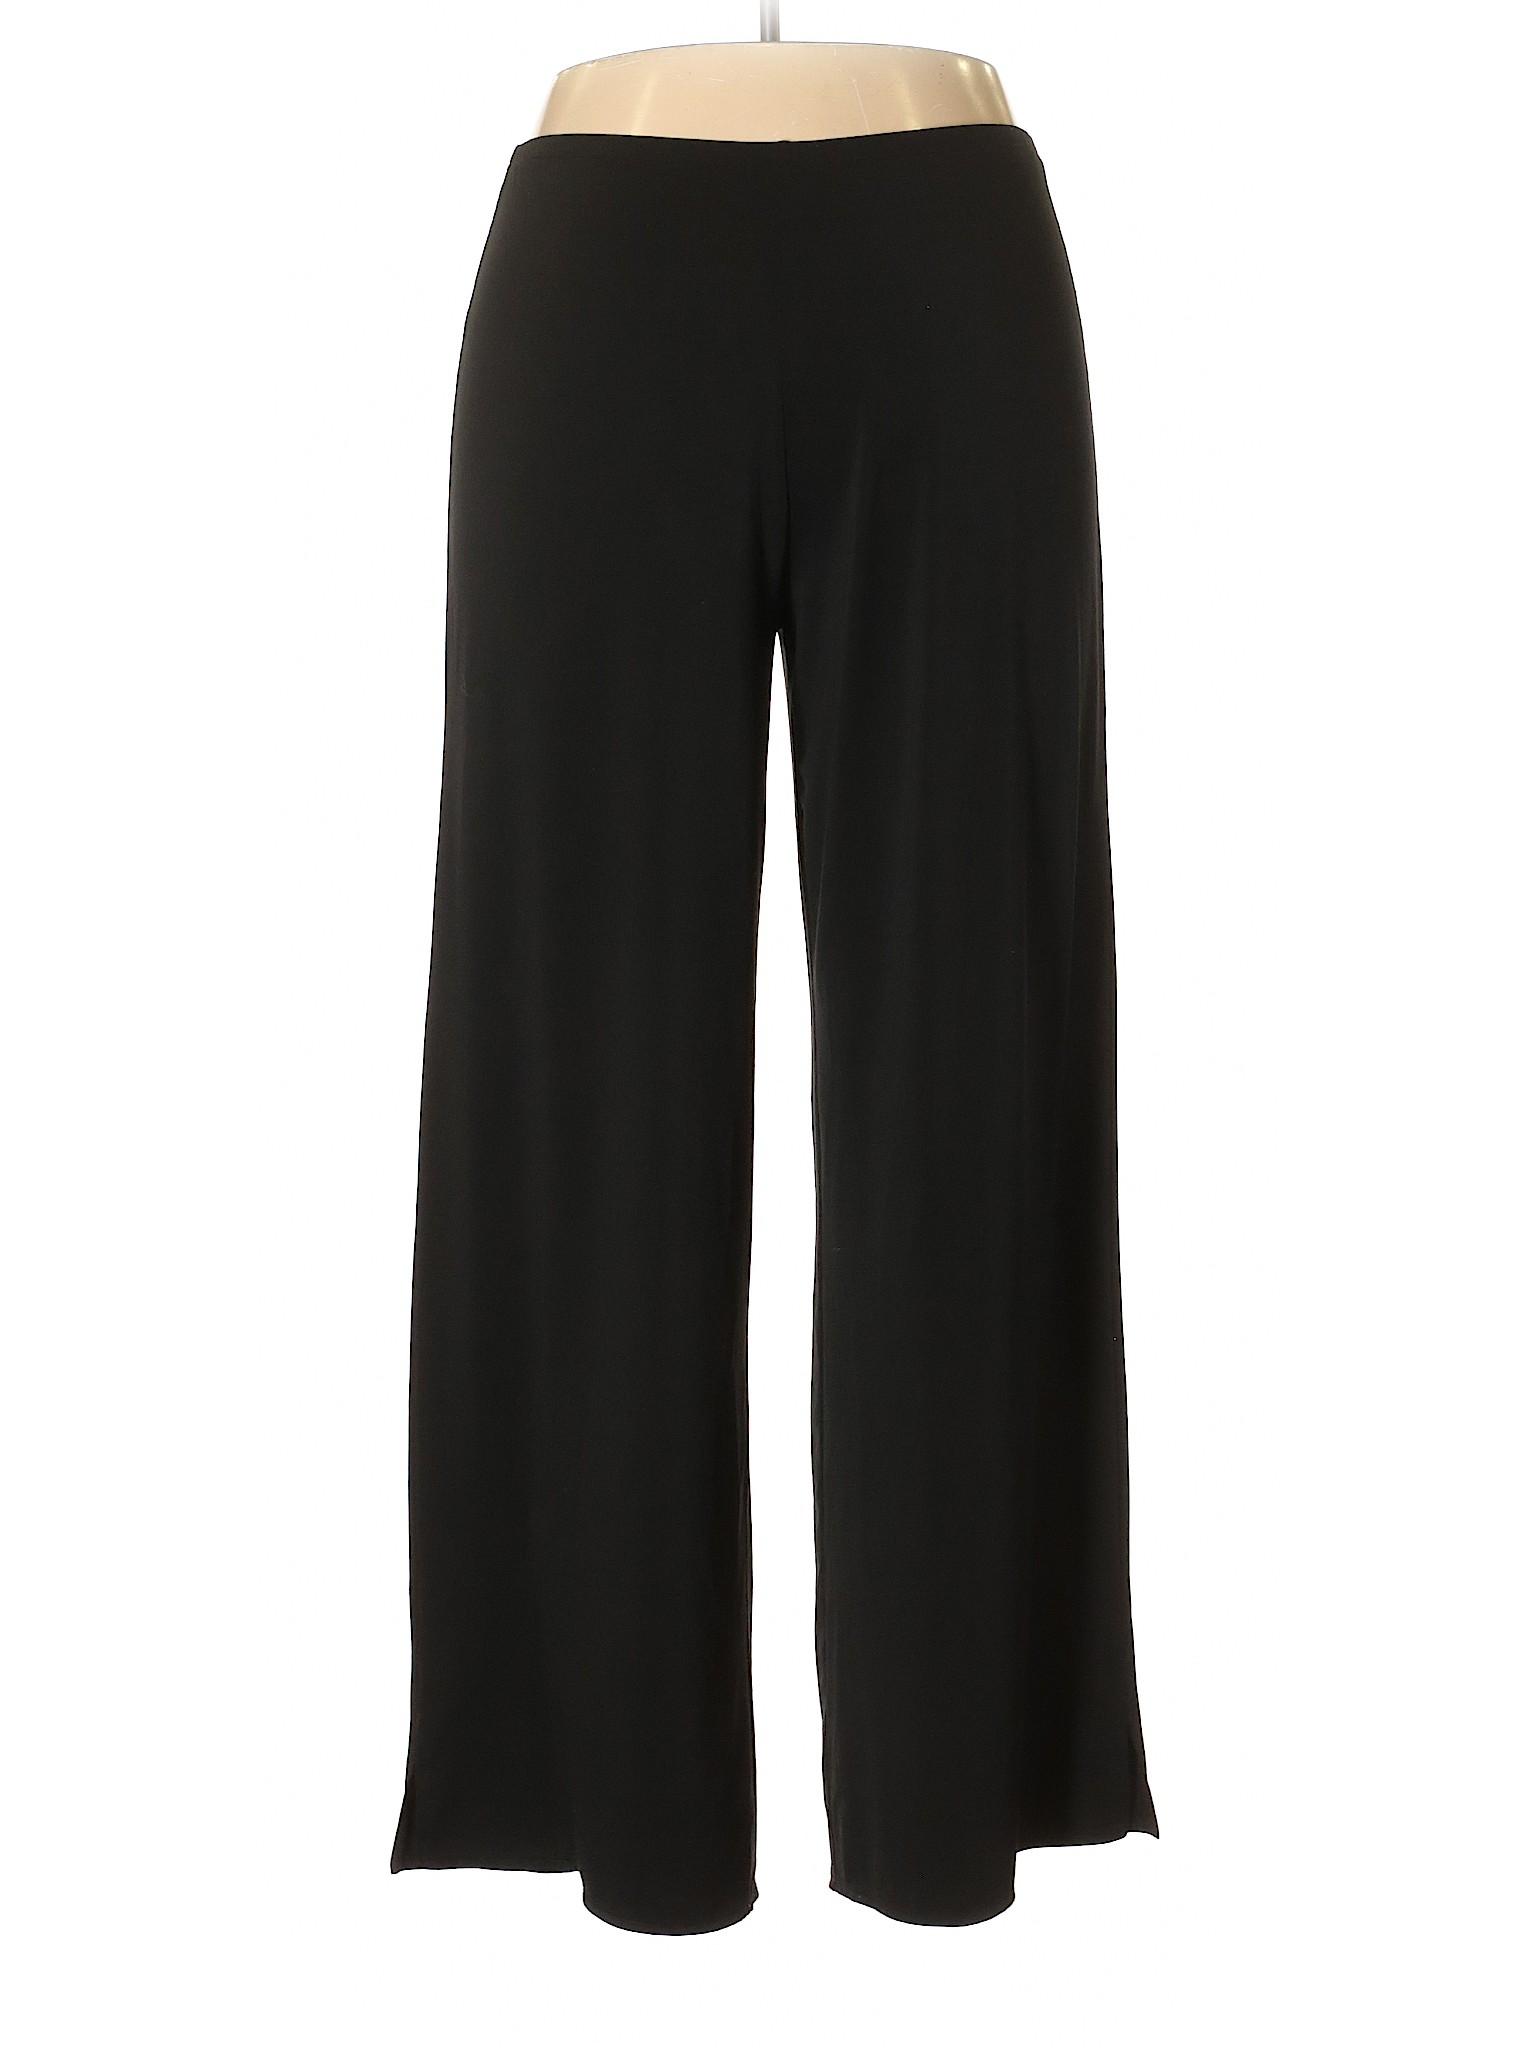 Boutique Boutique Pants Anne Casual Anne Klein d60BwqgBx